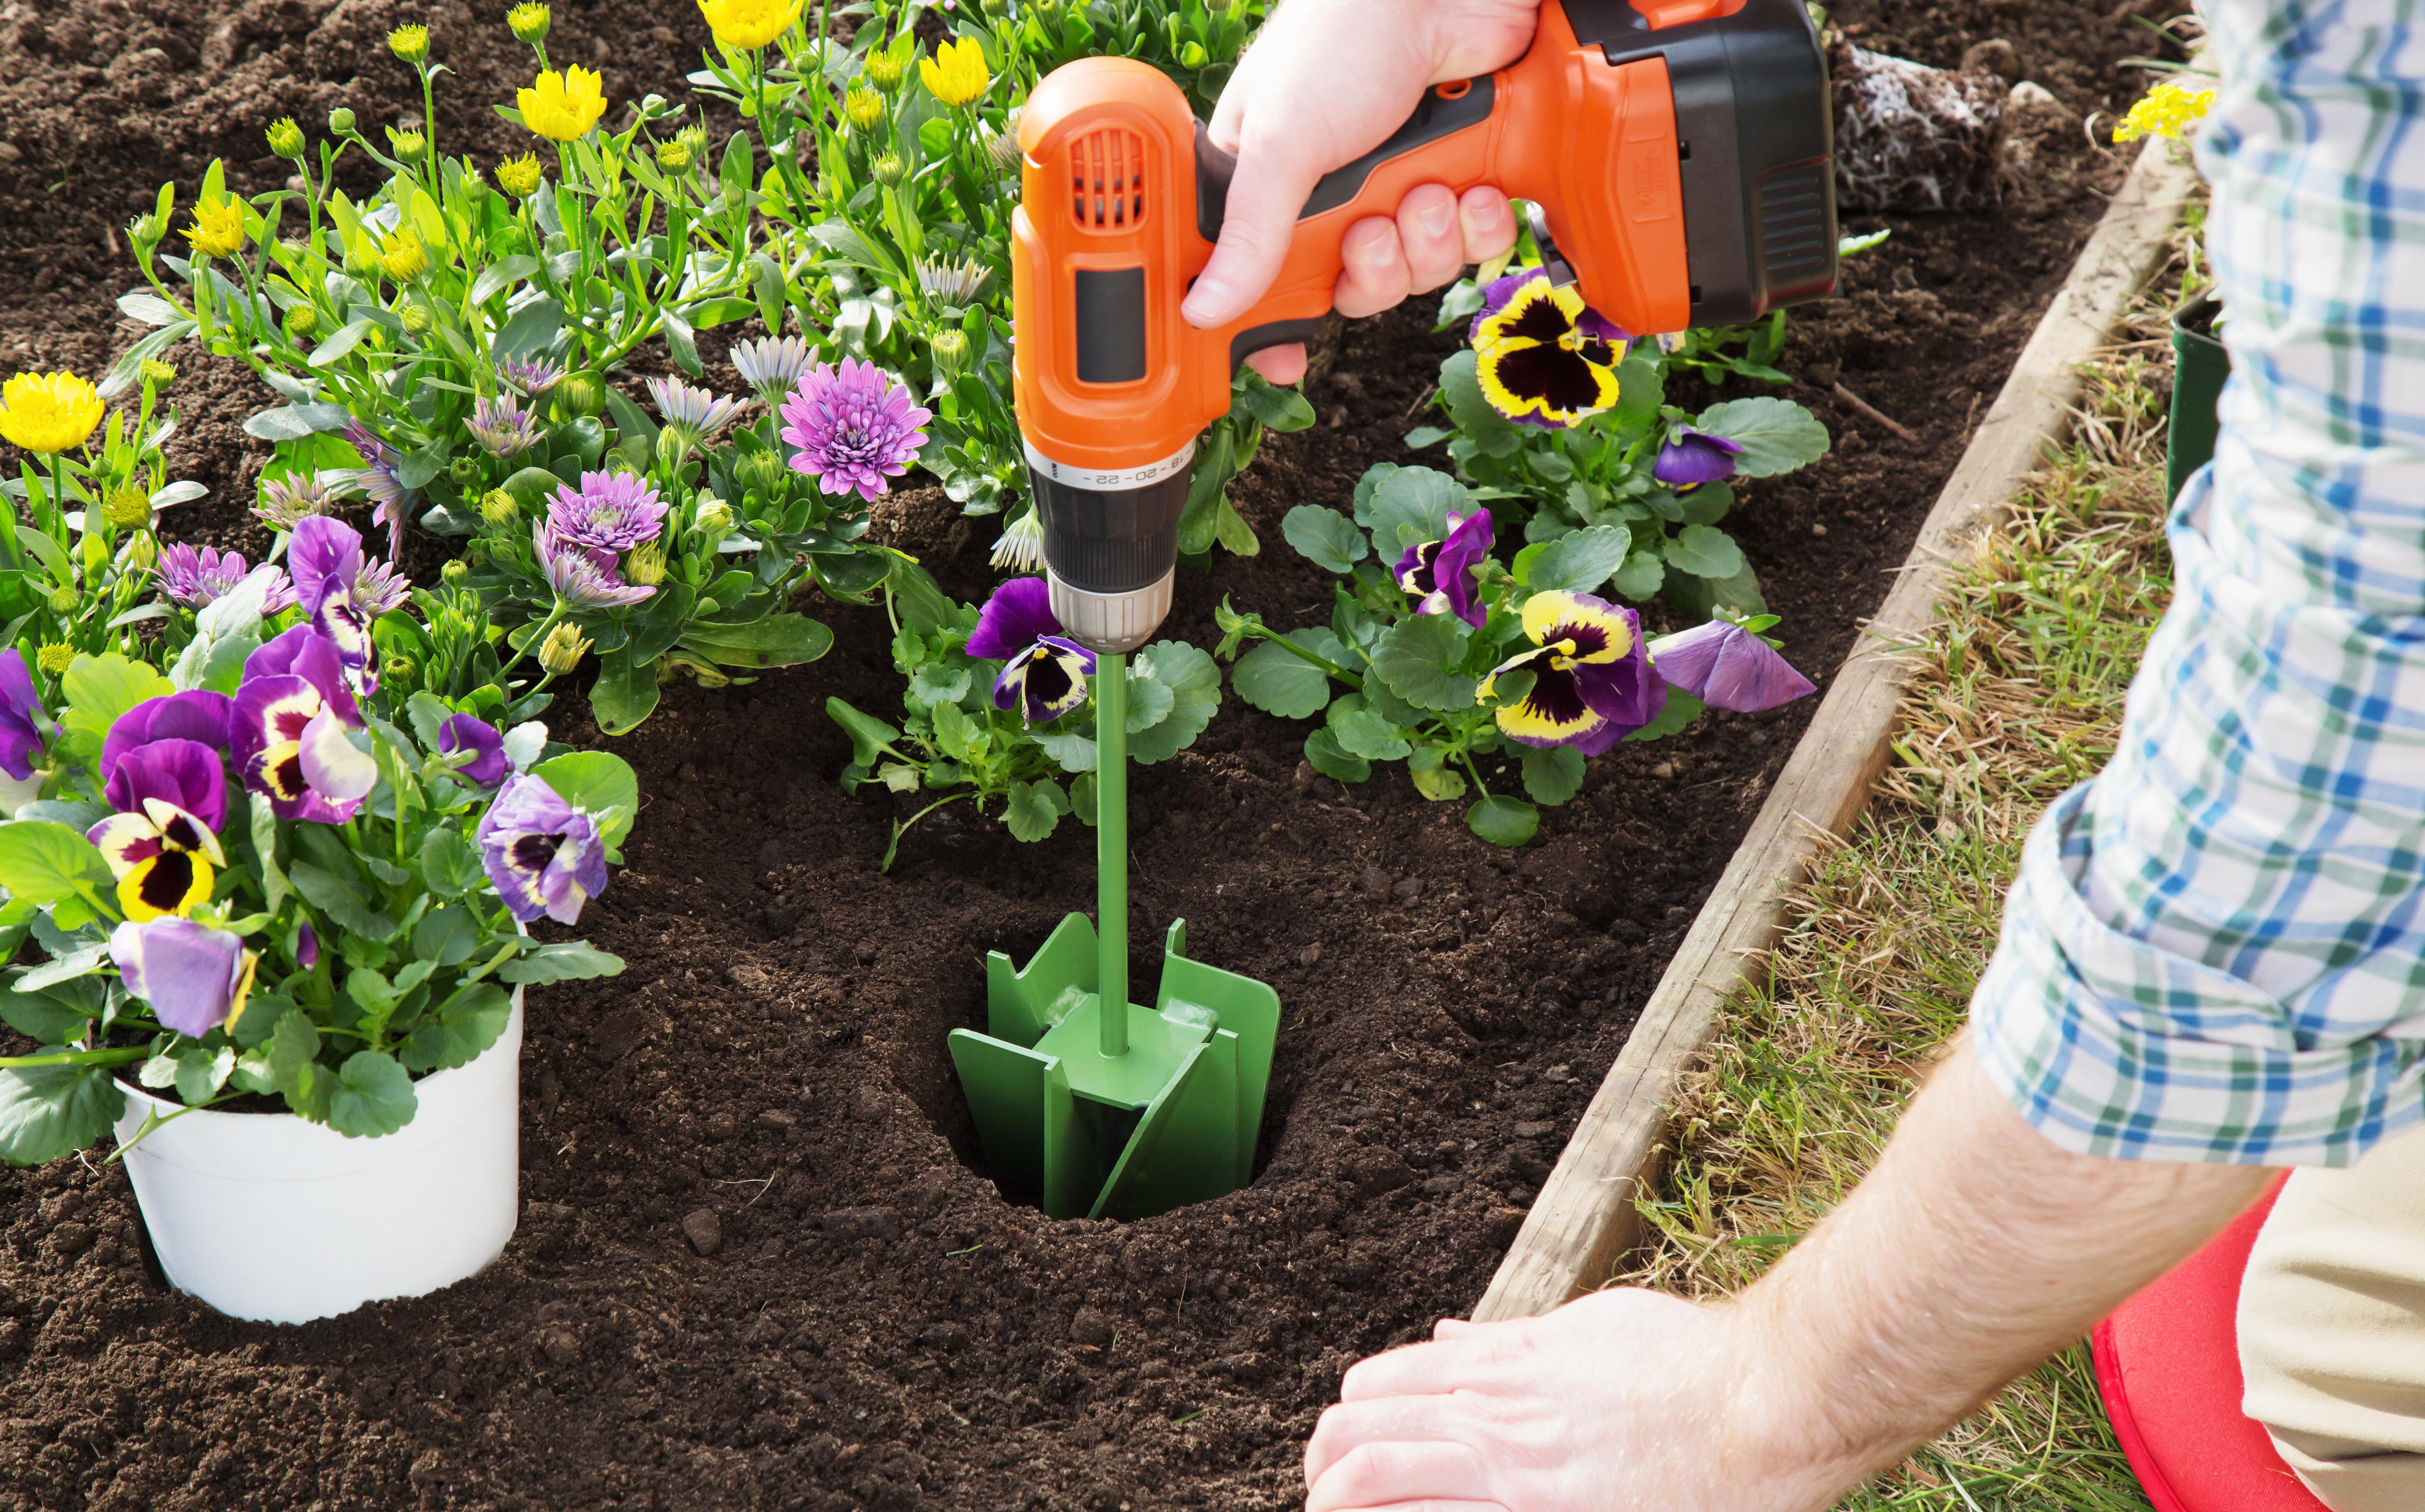 Un hombre hace un hoyo en su jardín usando un bit de excavación MAXBIT